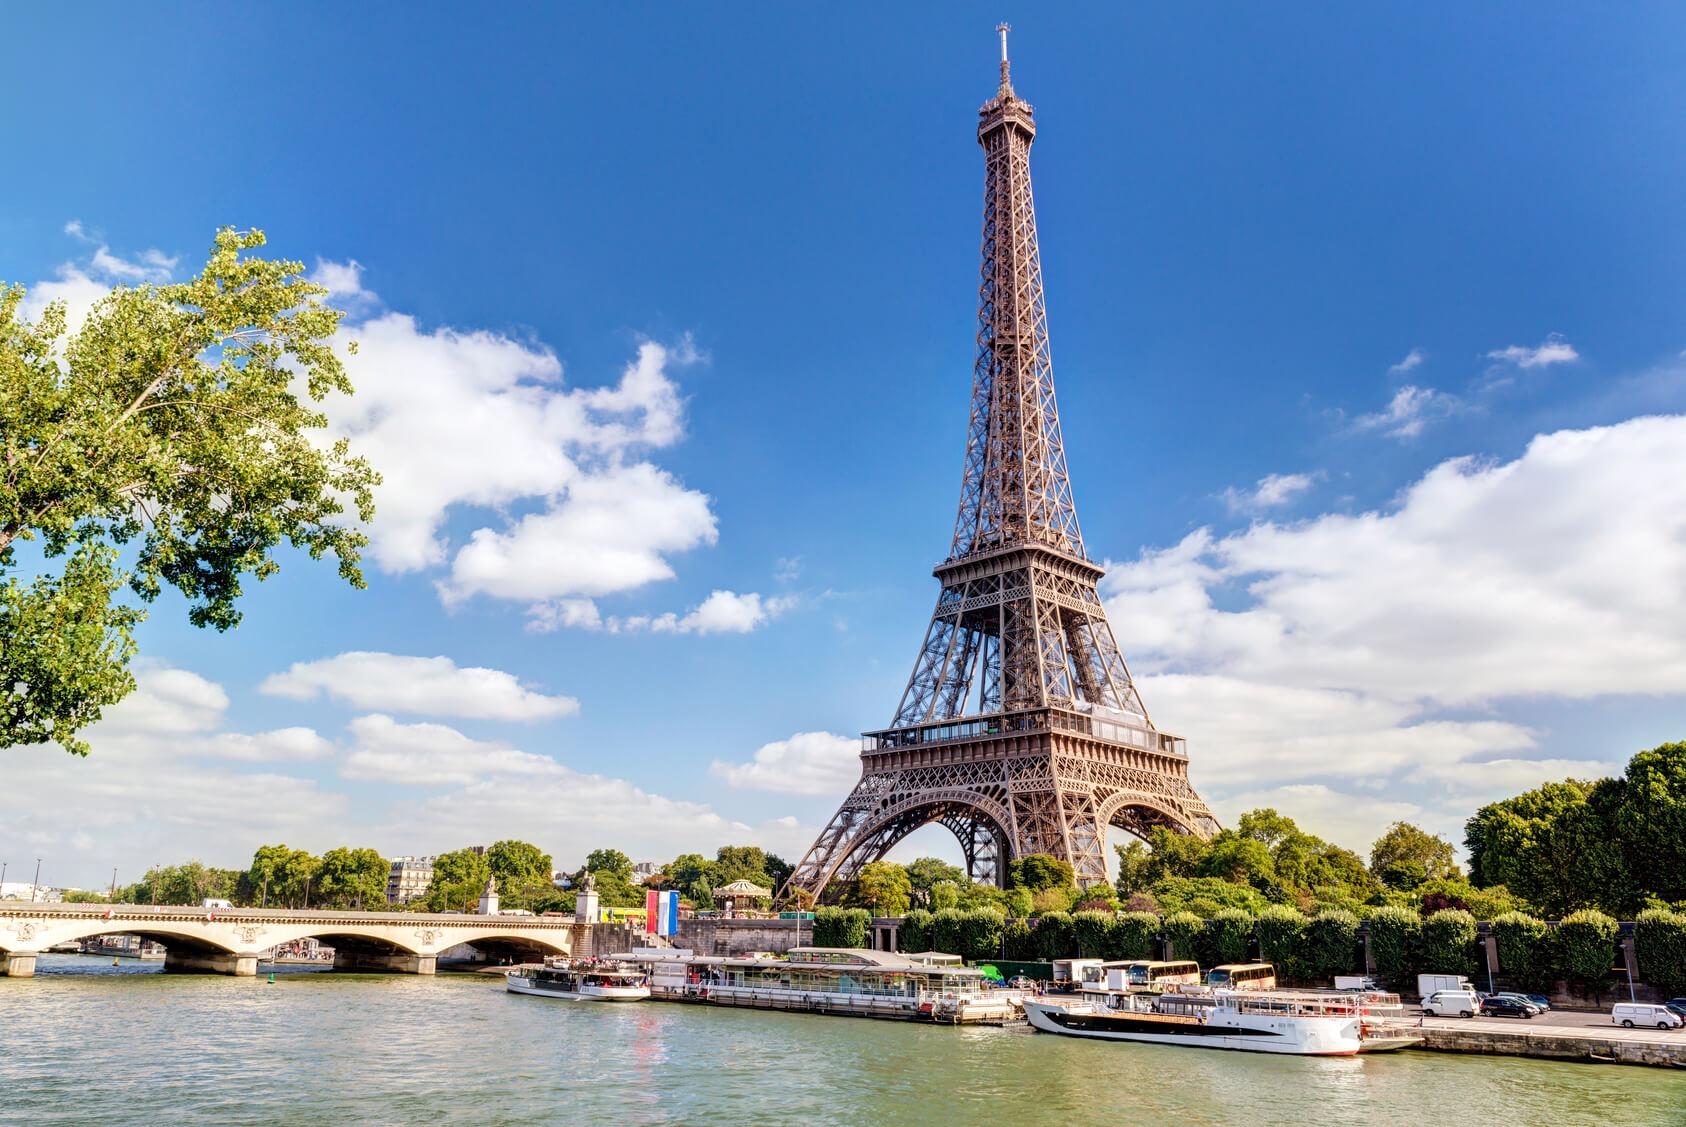 Location de voitures avec chauffeur privé à Paris